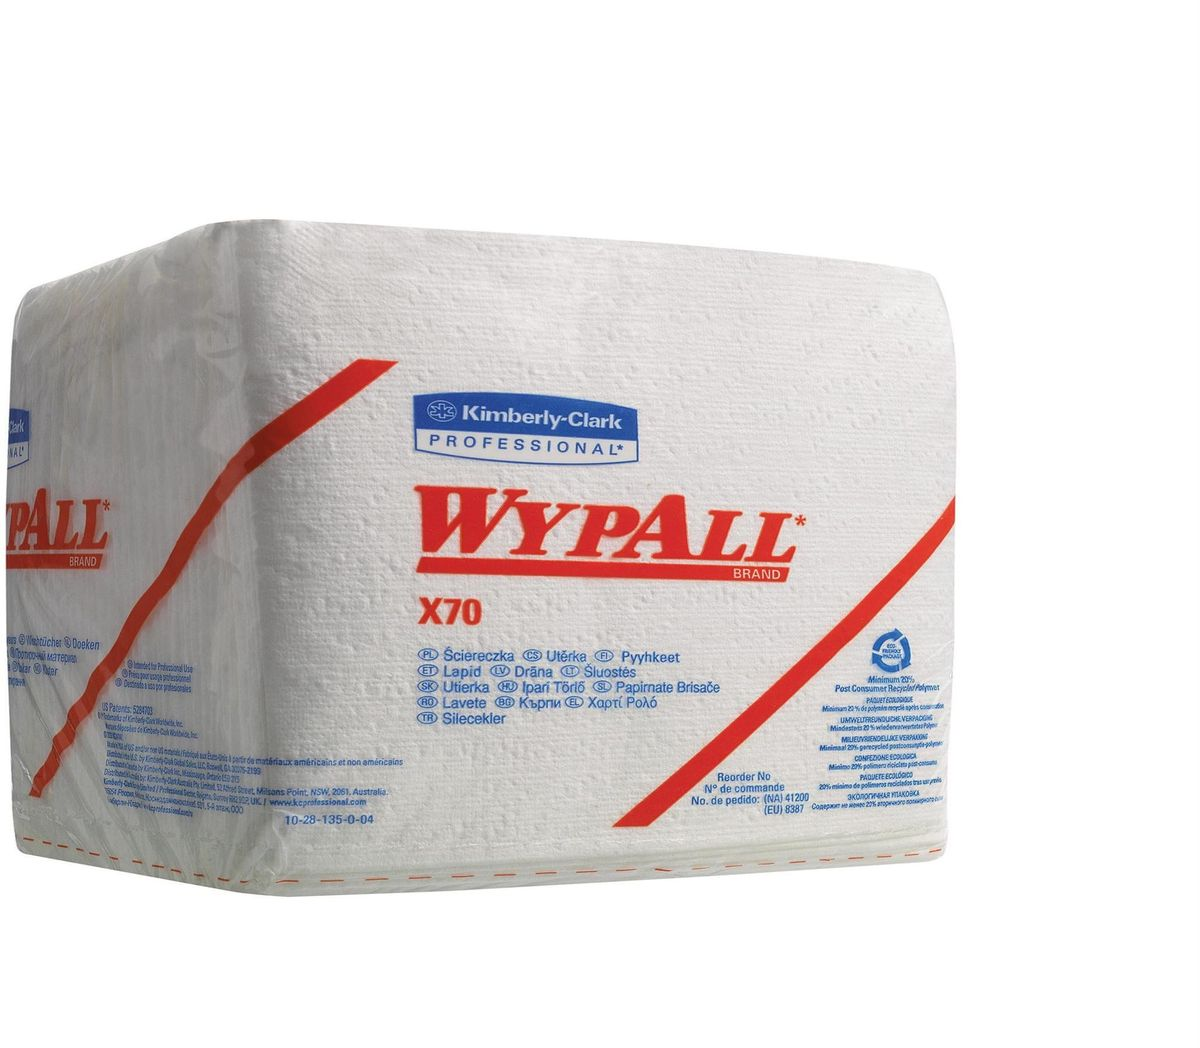 Салфетки бумажные Wypall Х70, 152 шт8387Бумажные салфетки Wypall Х70 обладают отличной впитывающей способностью, долговечностью и прочностью, как в сухом, так и во влажном состоянии. Подходят для работы по очистке от клея, масла, мусора, стекол, а также для прецизионной очистки сложных механизмов и деталей. Салфетки Wypall Х70 могут использоваться с переносными или стационарными диспенсерами для контроля расхода продукта и уменьшения объема отходов.